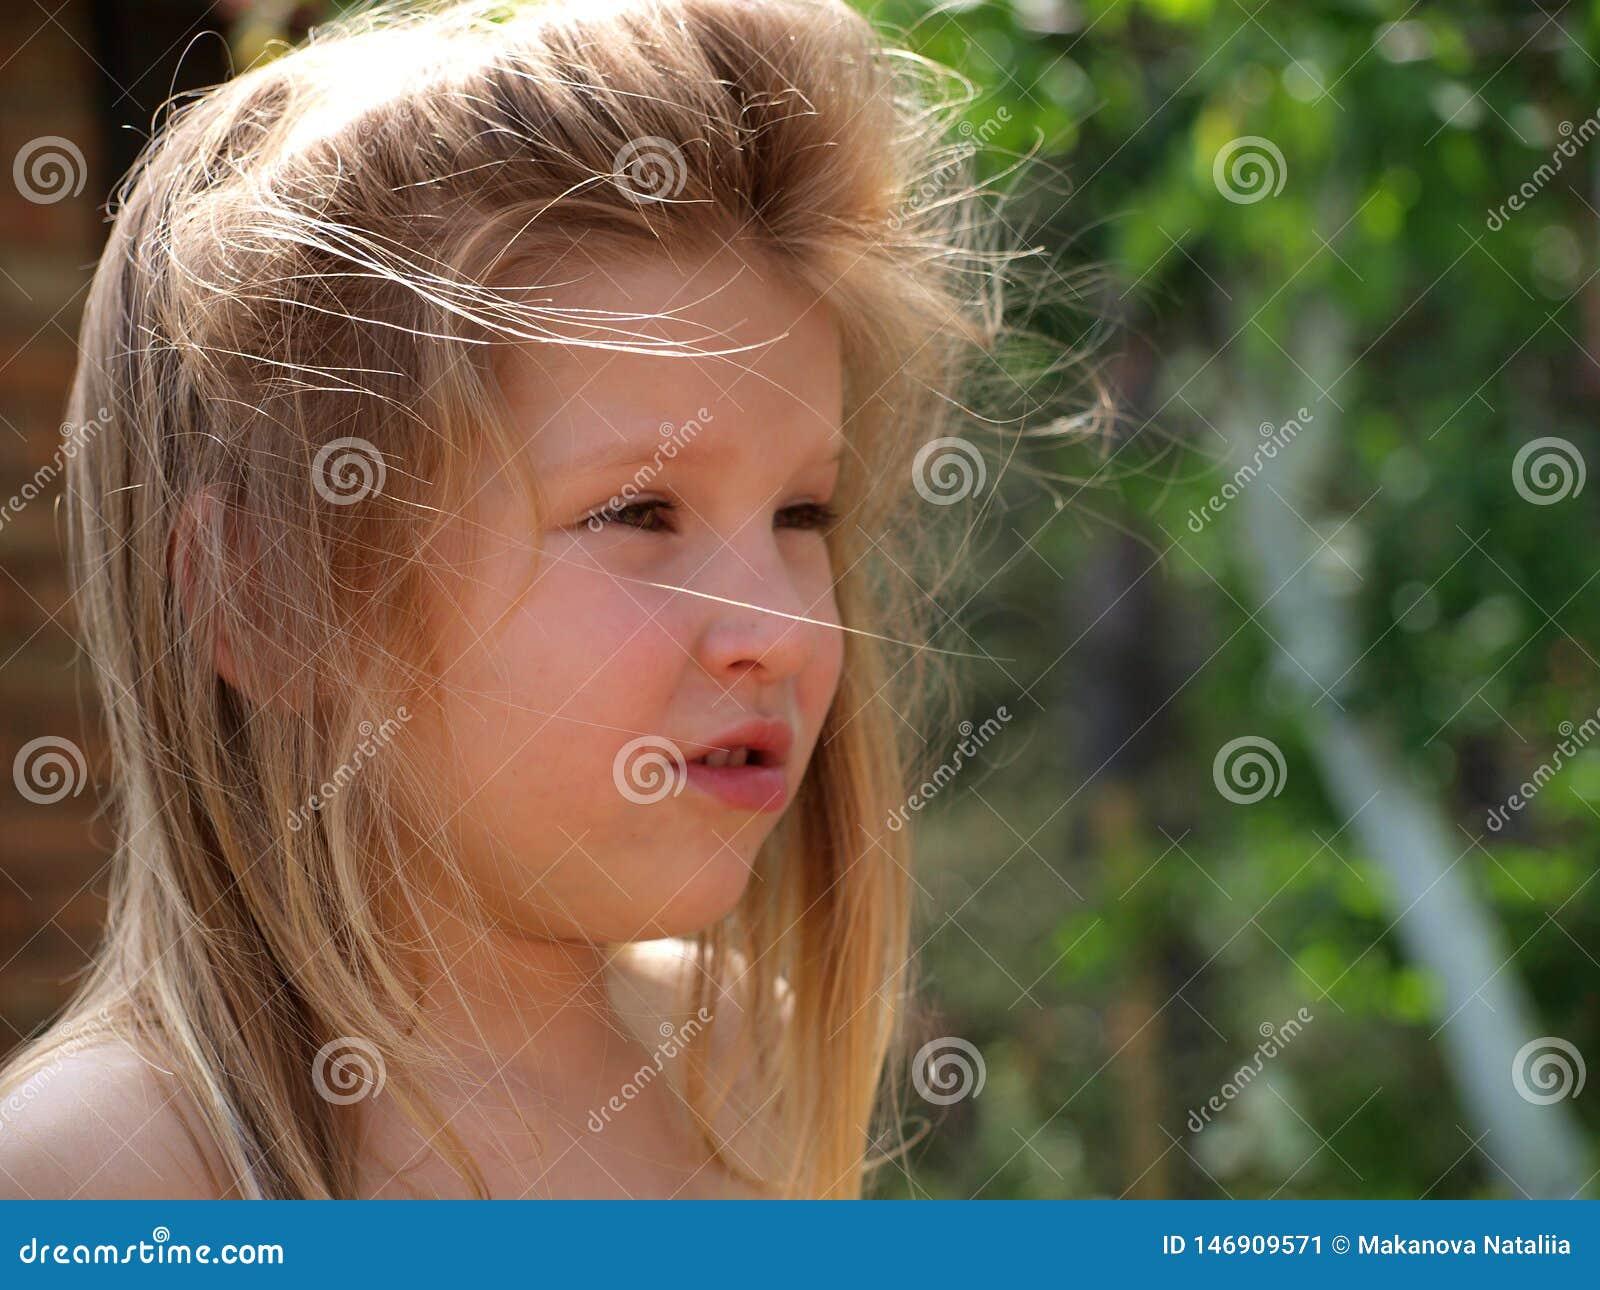 Retrato de una niña con el pelo rubio despeinado por el viento